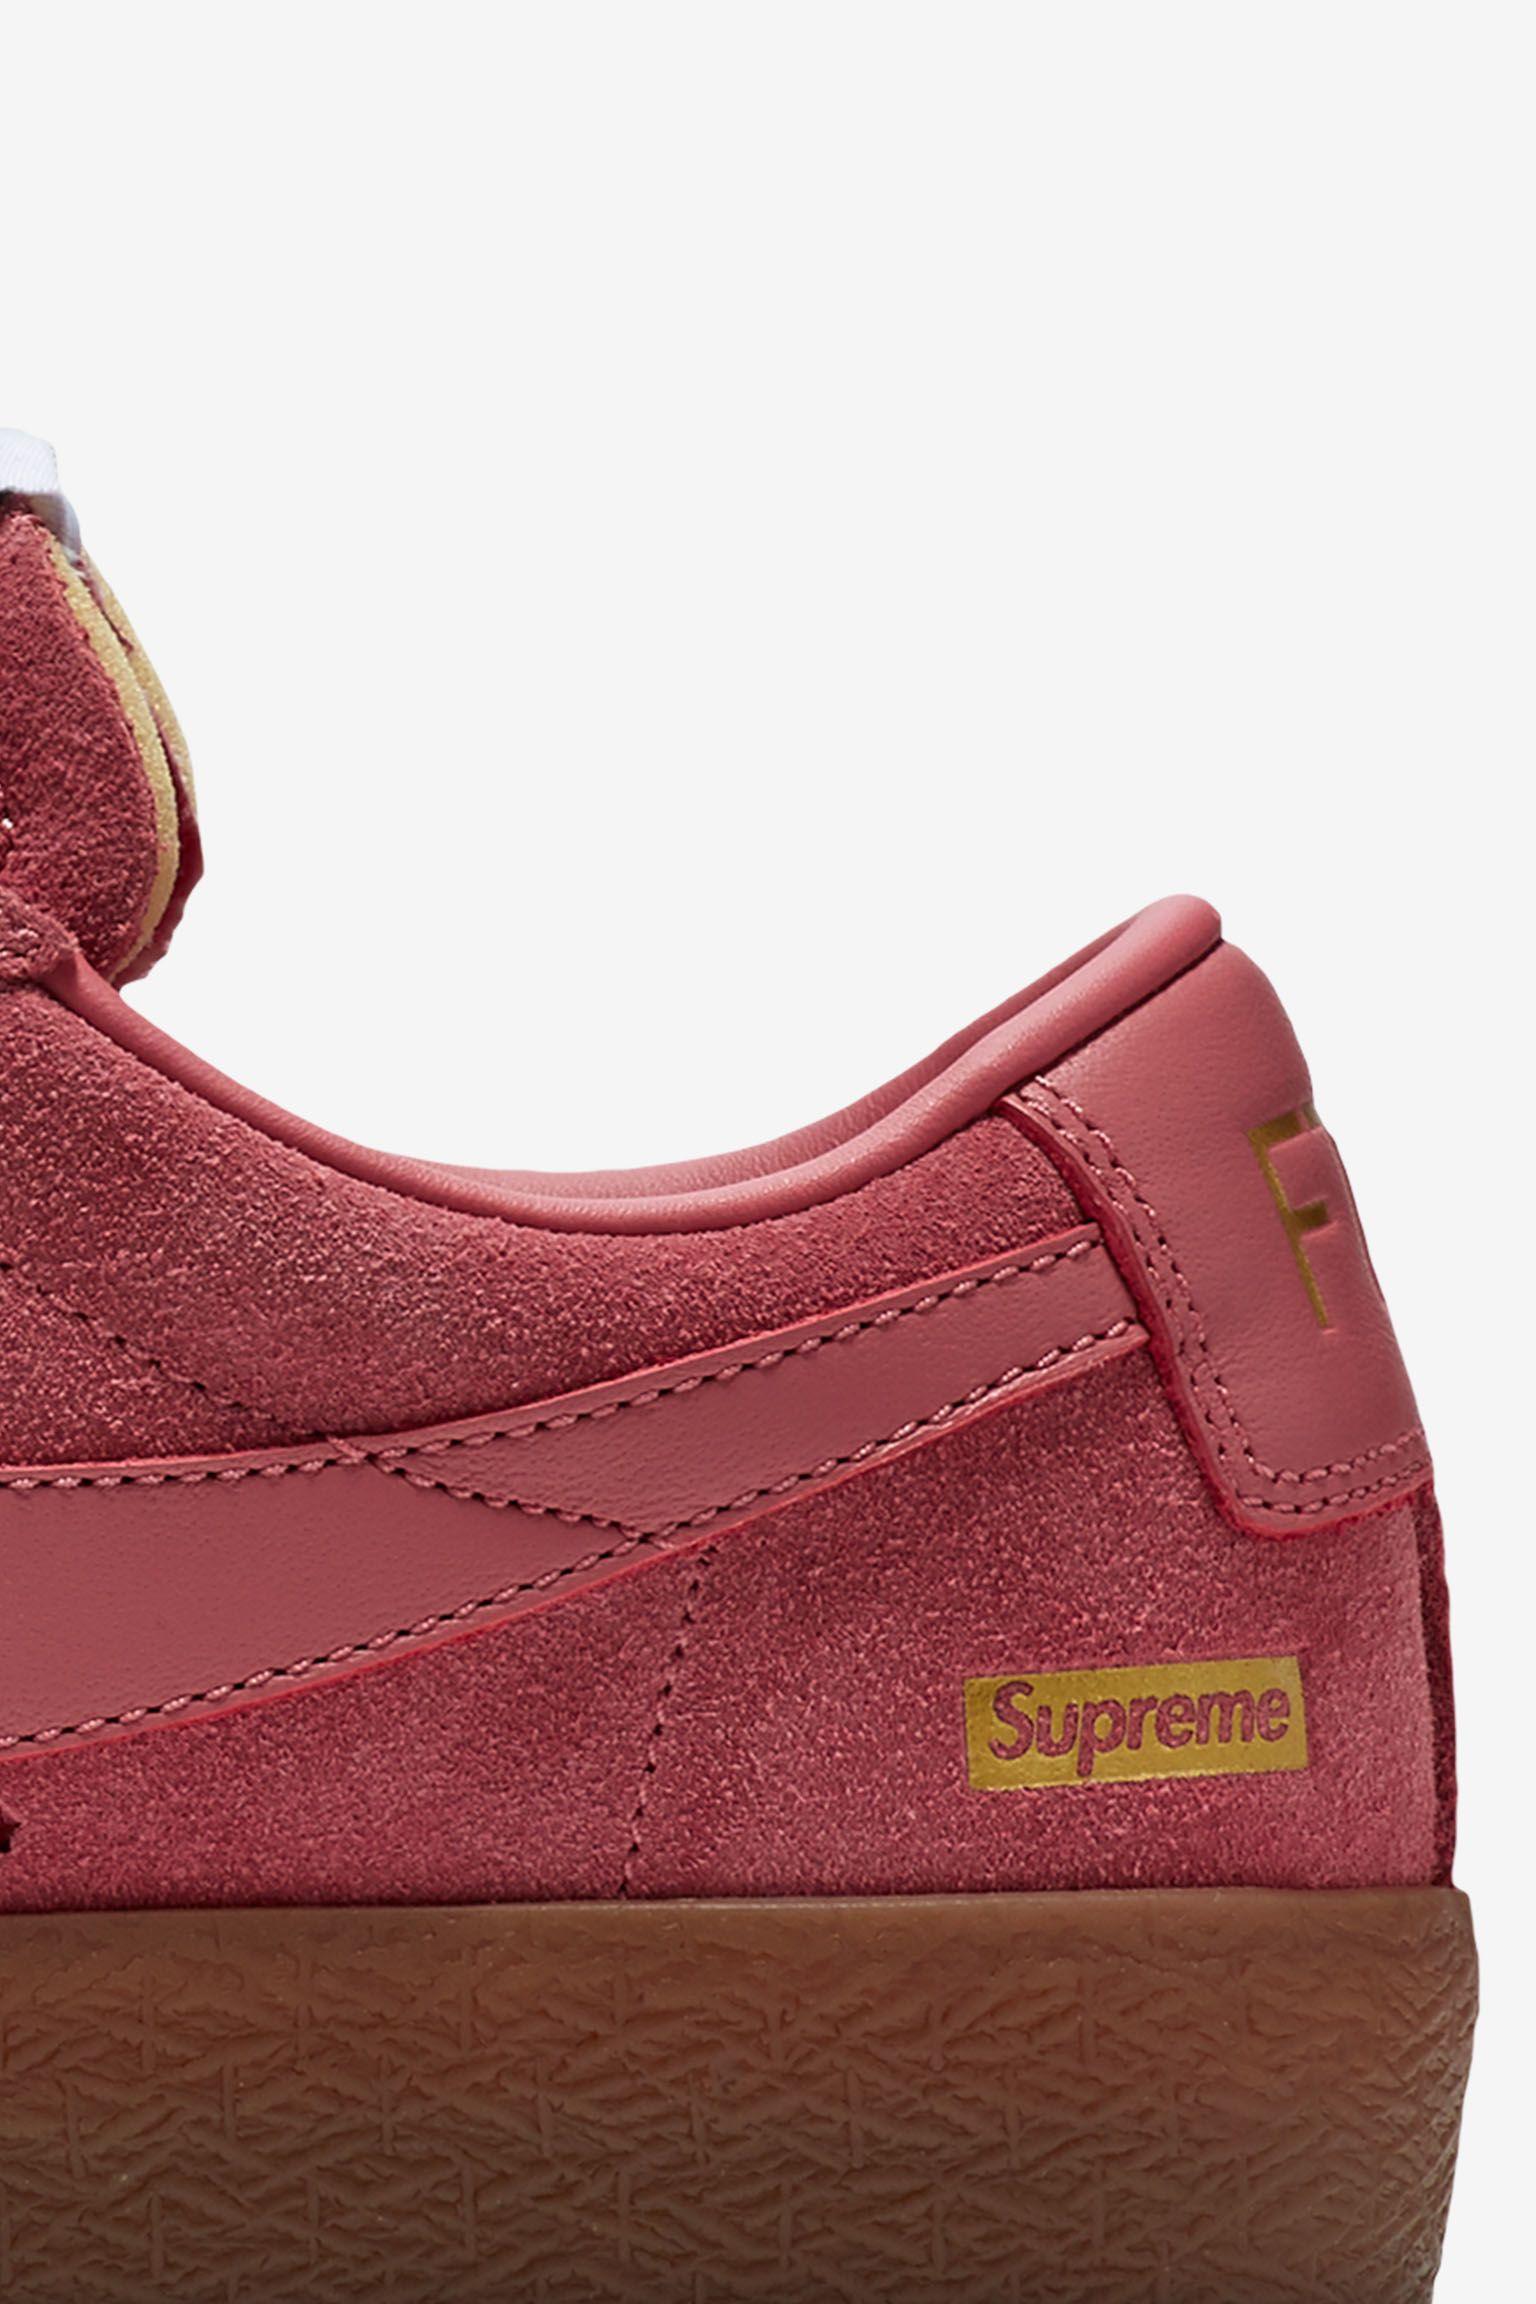 Nike Blazer Low GT x Supreme 'Desert Bloom' Release Date